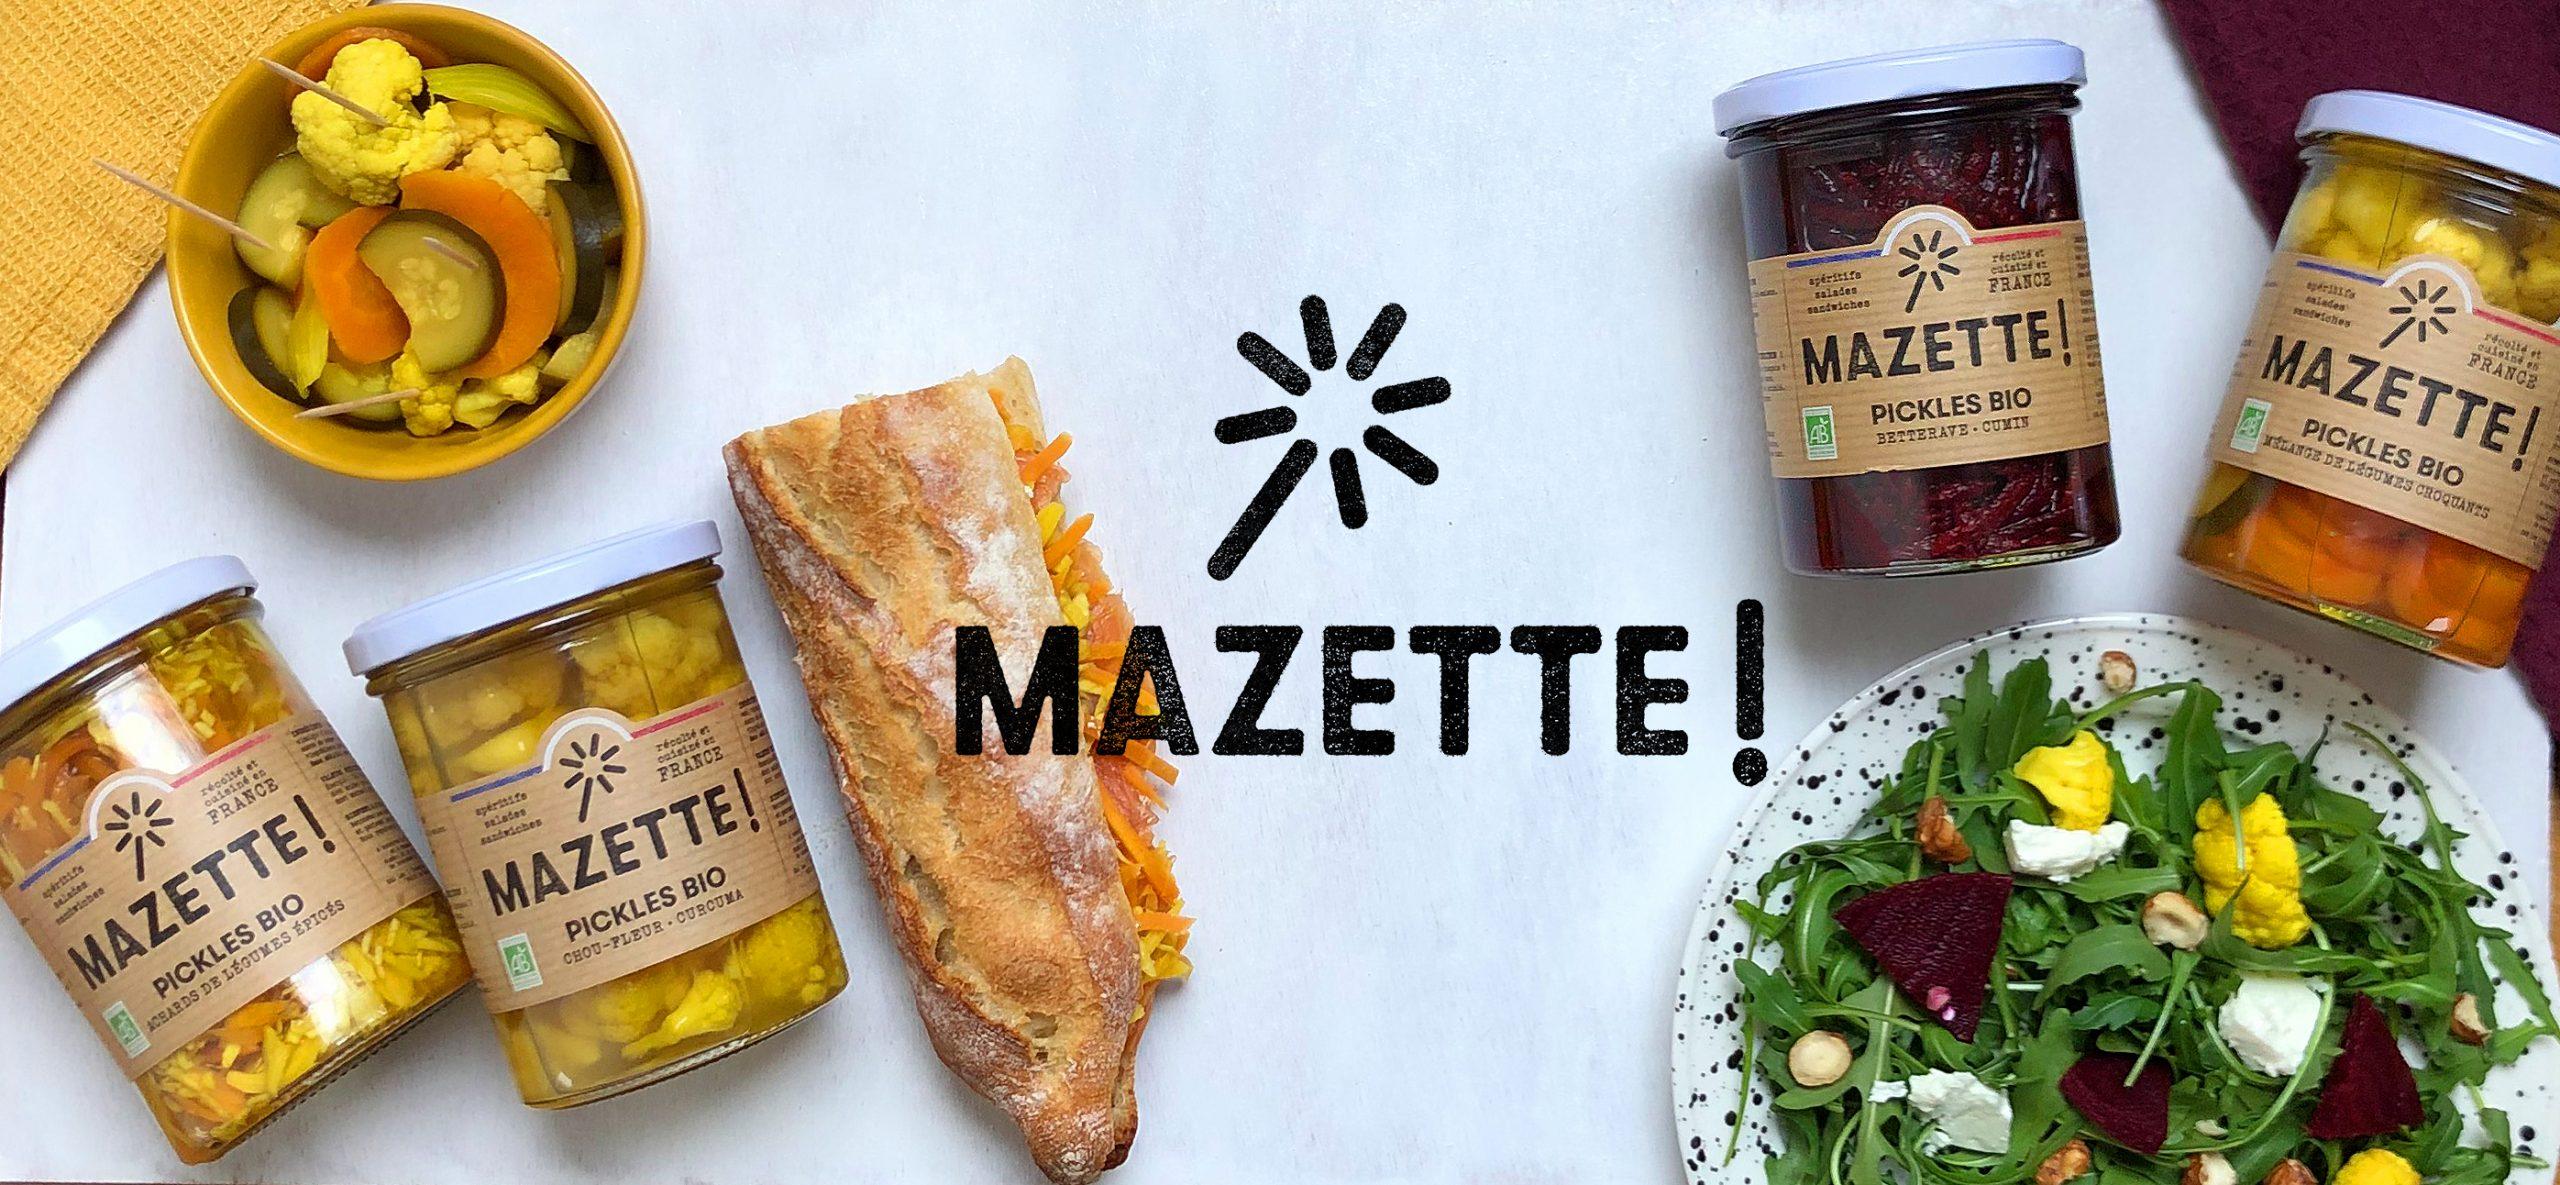 Pickles Mazette 4 bocaux scaled - LES 3 CHOUETTES lancent les pickles MAZETTE!